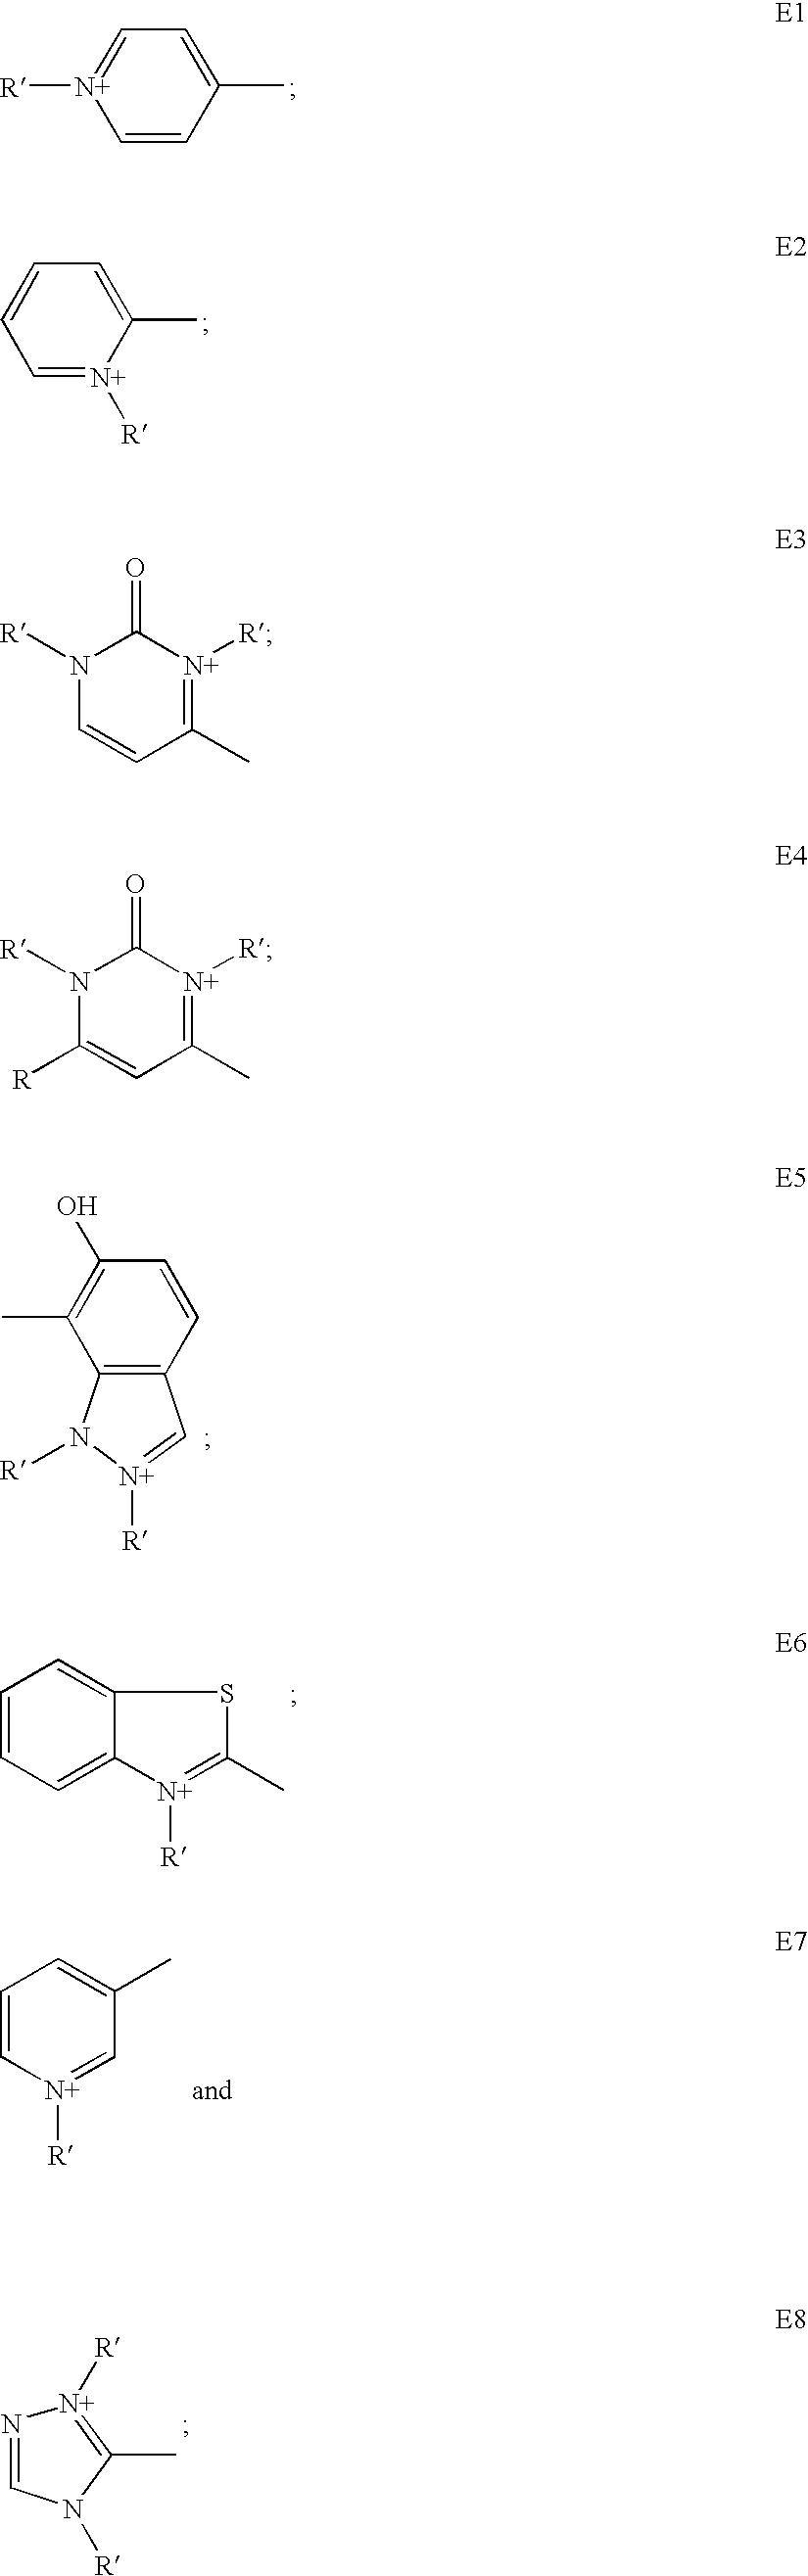 Figure US07901464-20110308-C00008